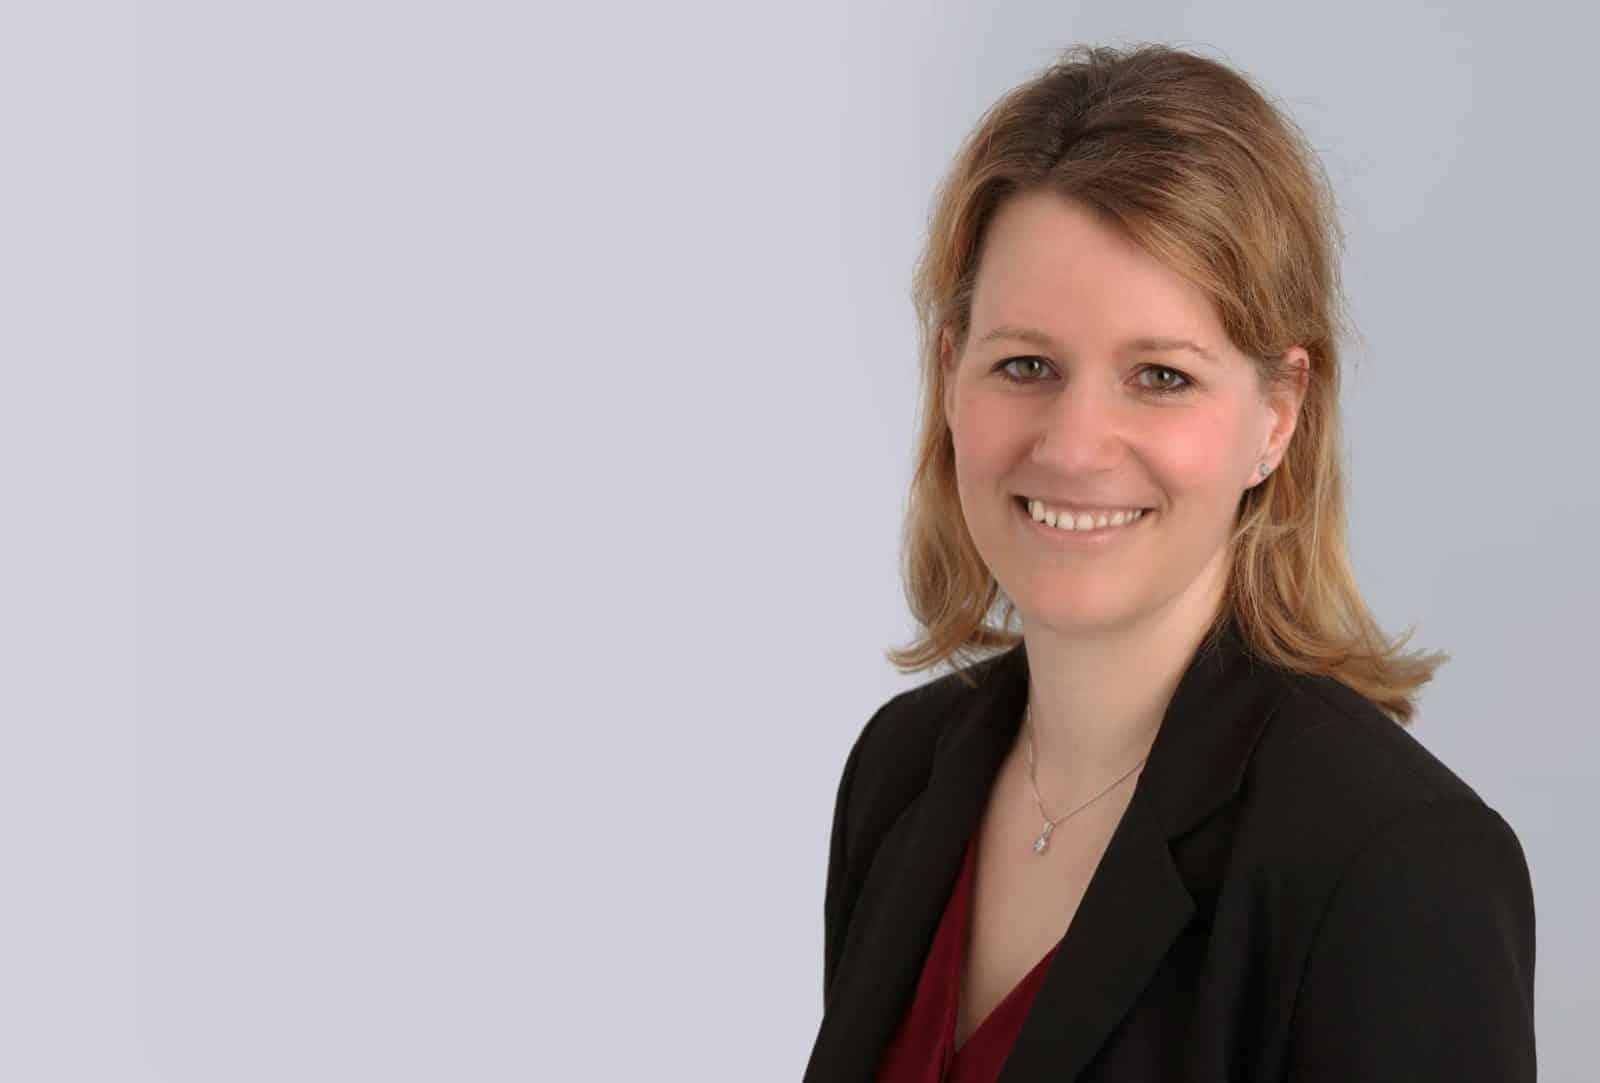 Elisabeth Shimmin